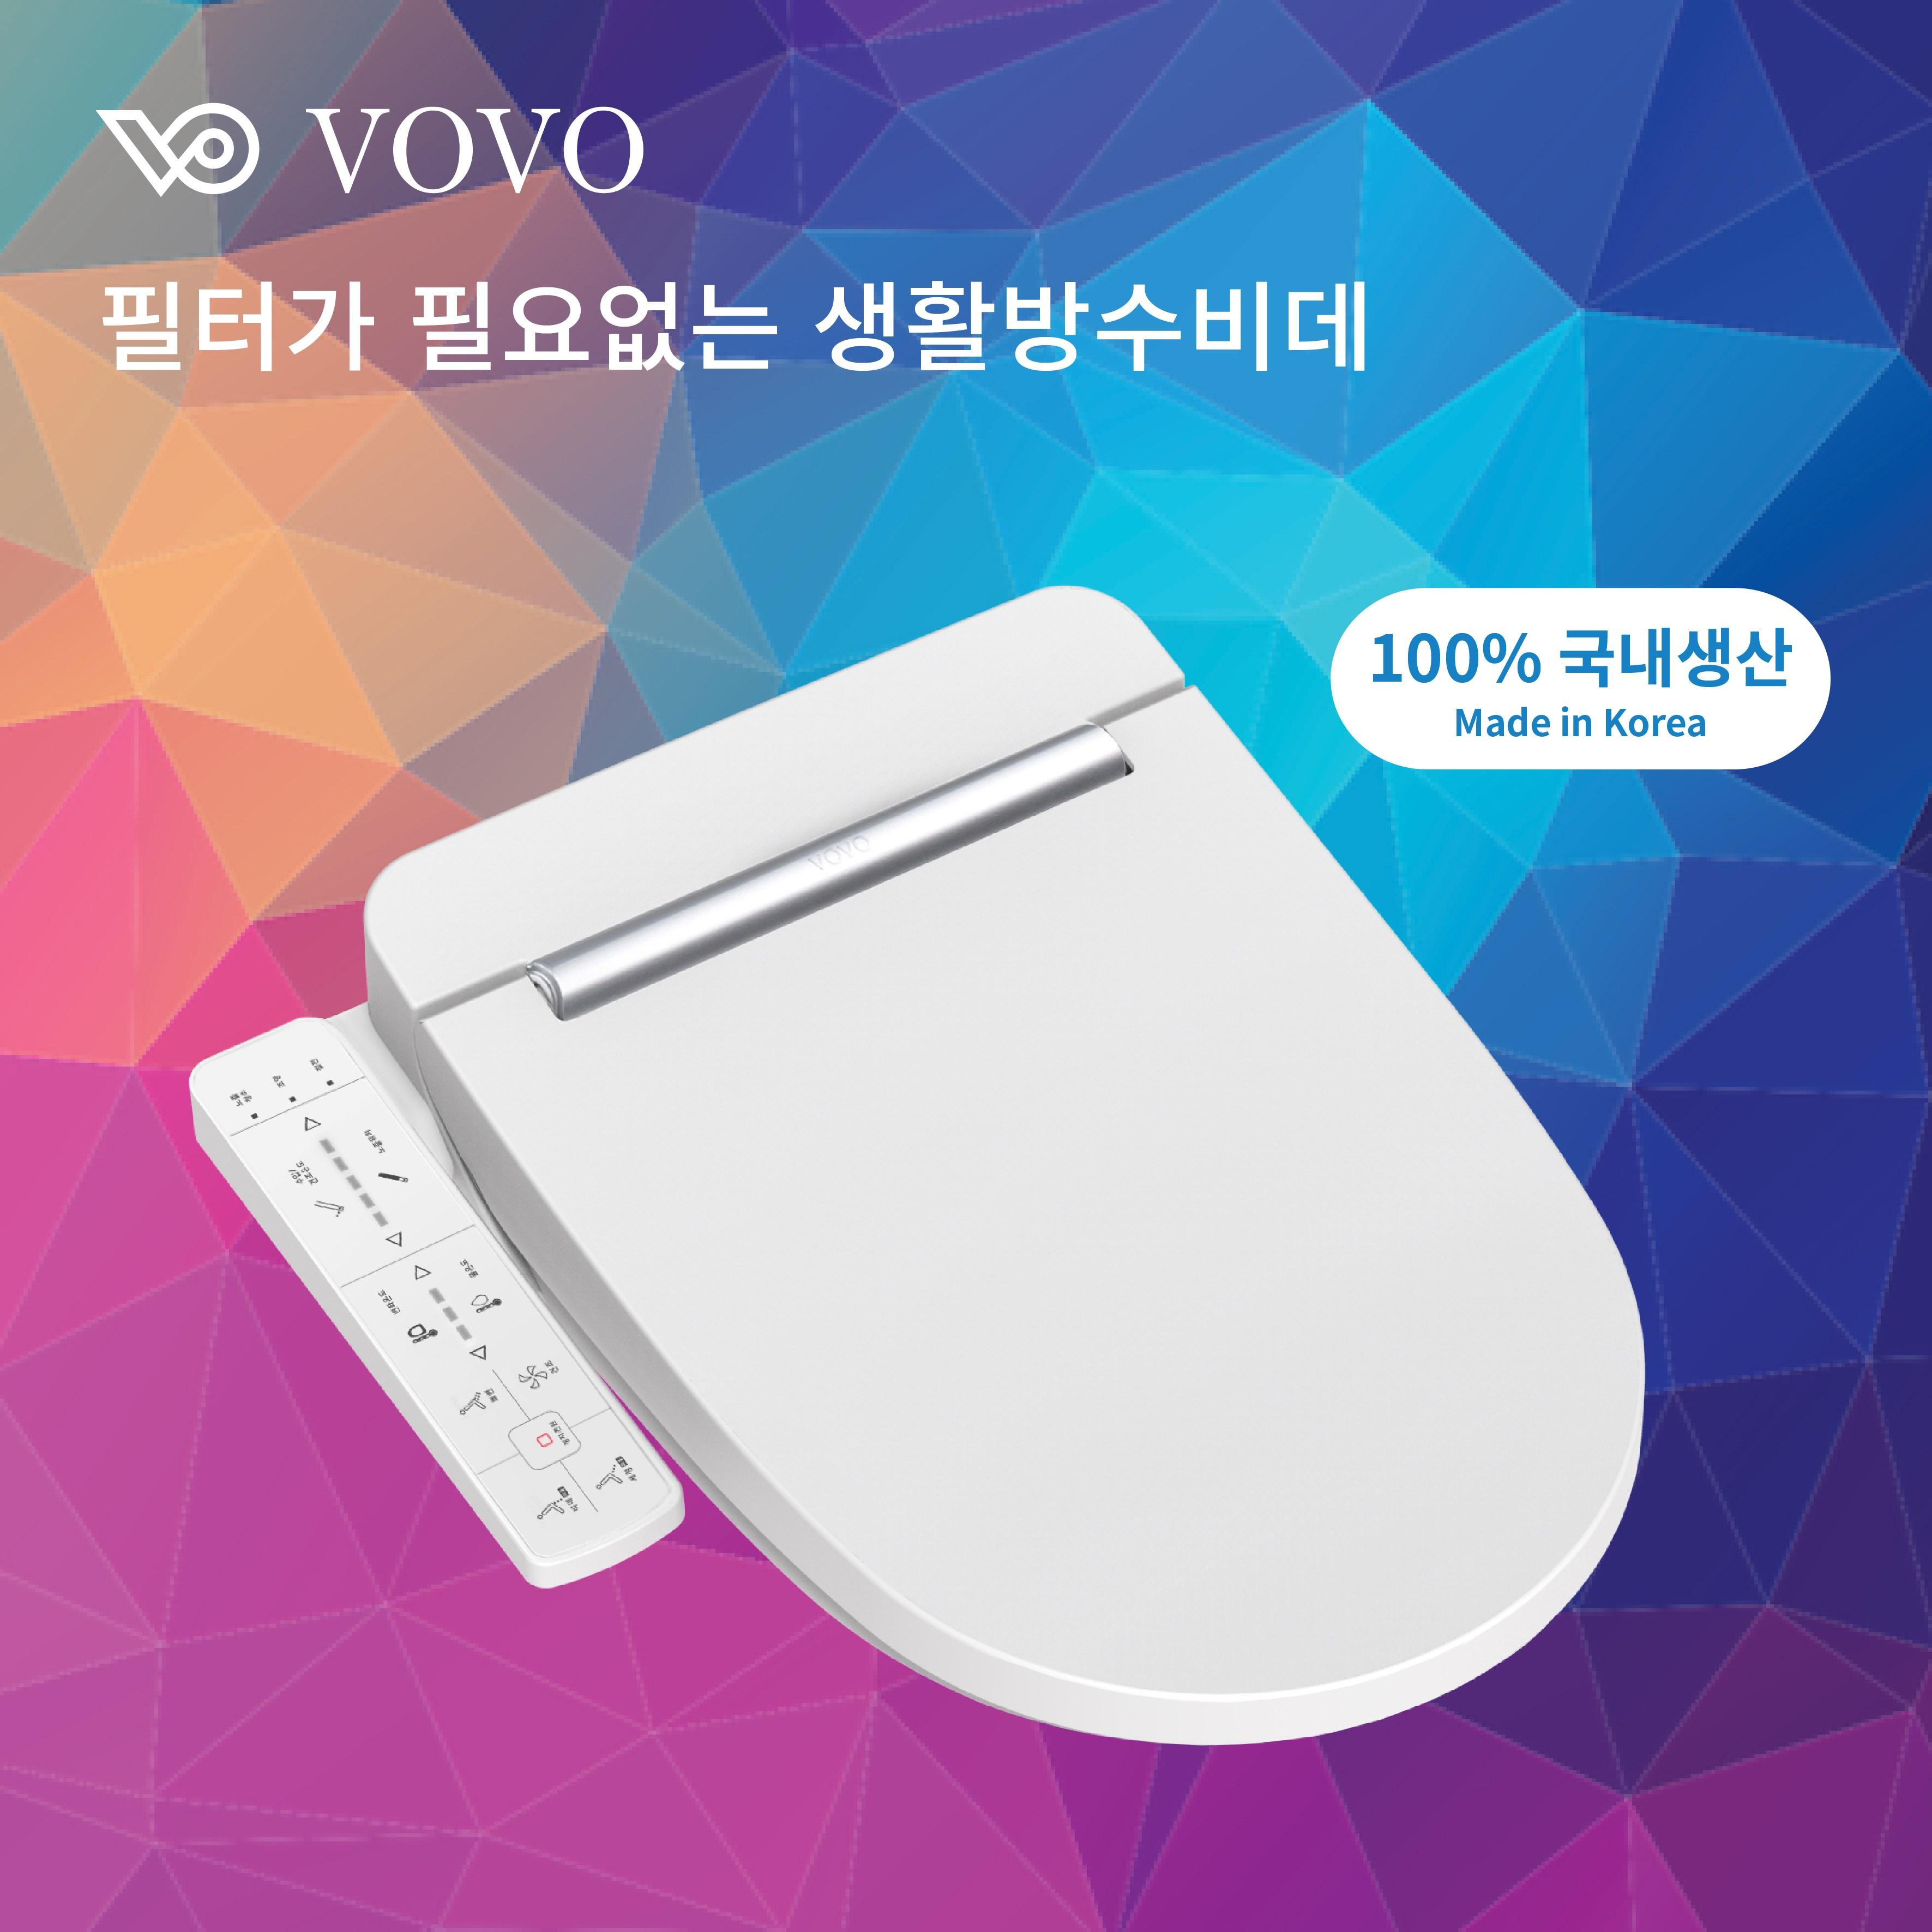 VOVO [본사직영] 국내제조 필터가 필요없는 생활 방수 비데 풀스테인리스 노즐 관장기능 VB-3100S 중형, 자가설치